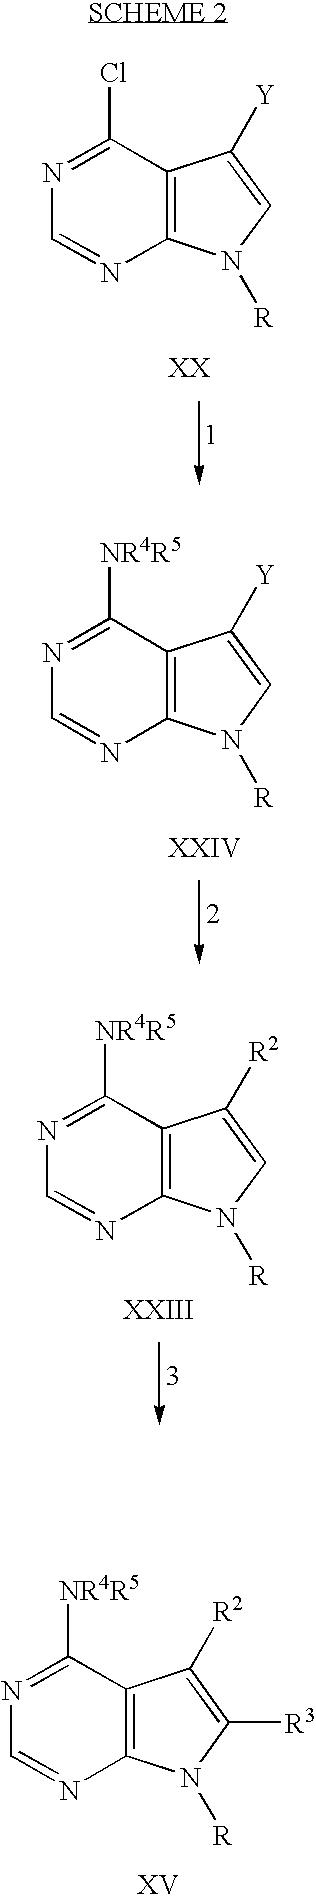 Figure US20040229923A1-20041118-C00018